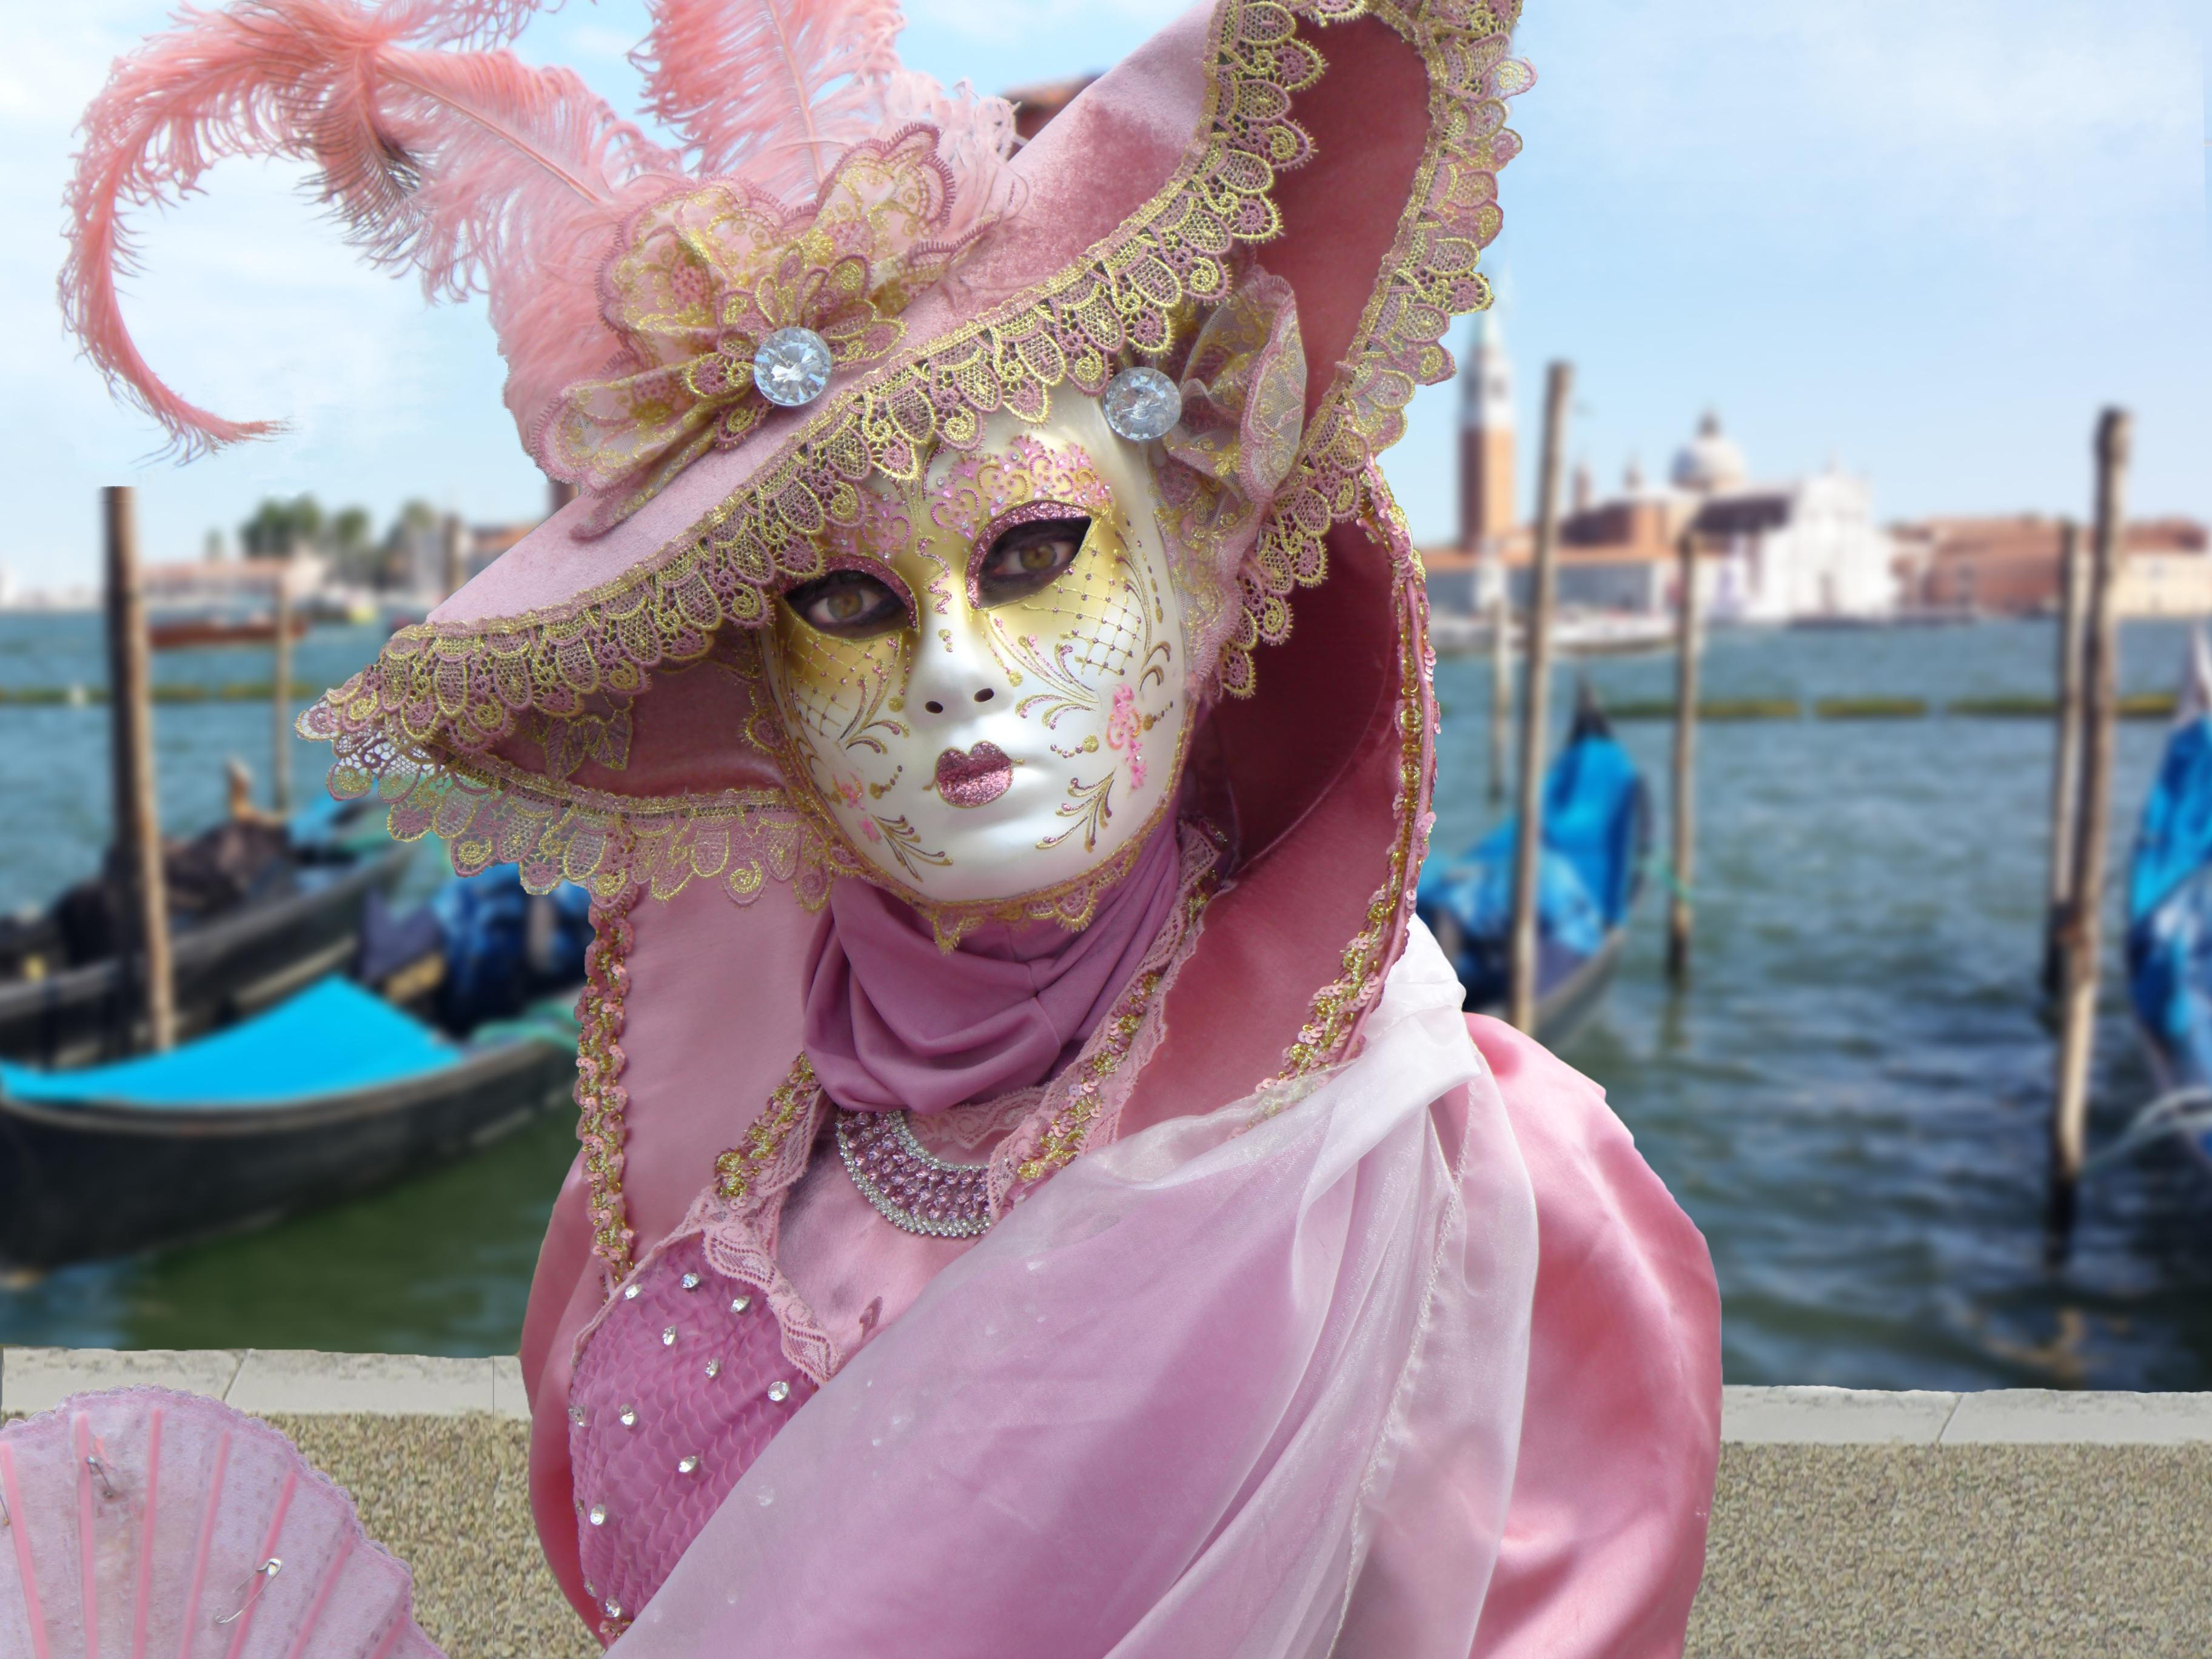 хотите заказать фото сами венецианскую маску что еще военном